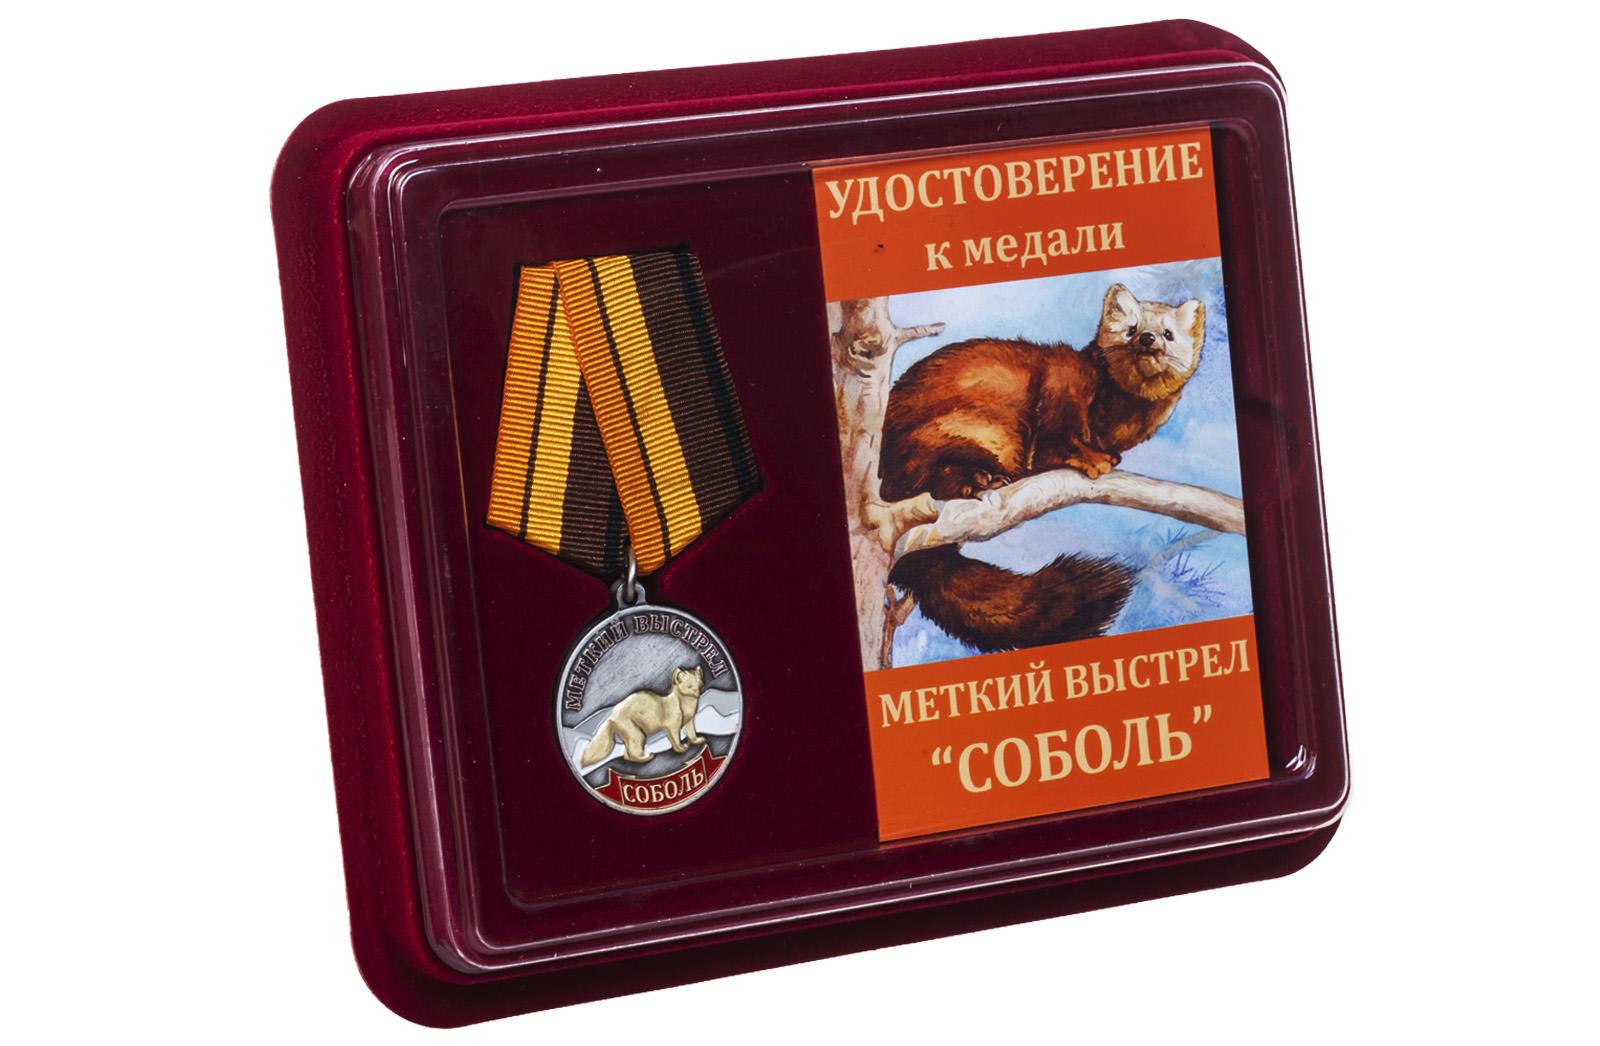 Медаль охотника Соболь (Меткий выстрел) заказать выгодно